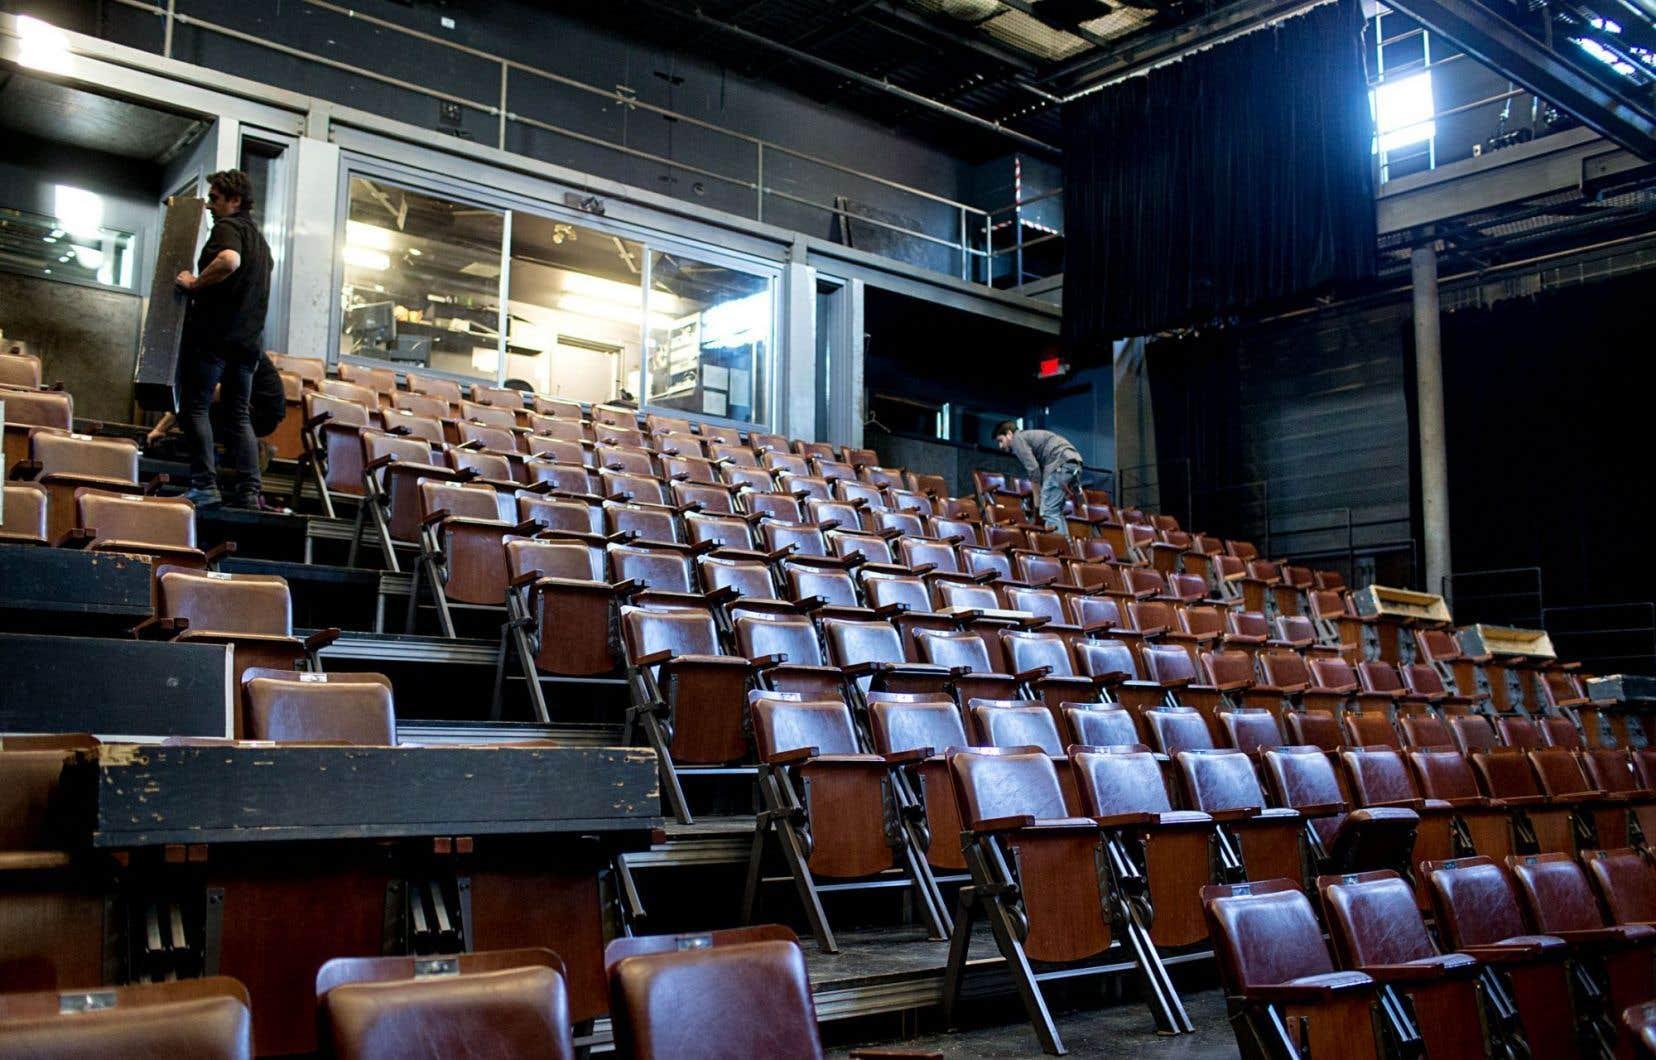 Les sièges de la salle de spectacle de l'Espace Go vont être entièrement rénovés à la suite des travaux.